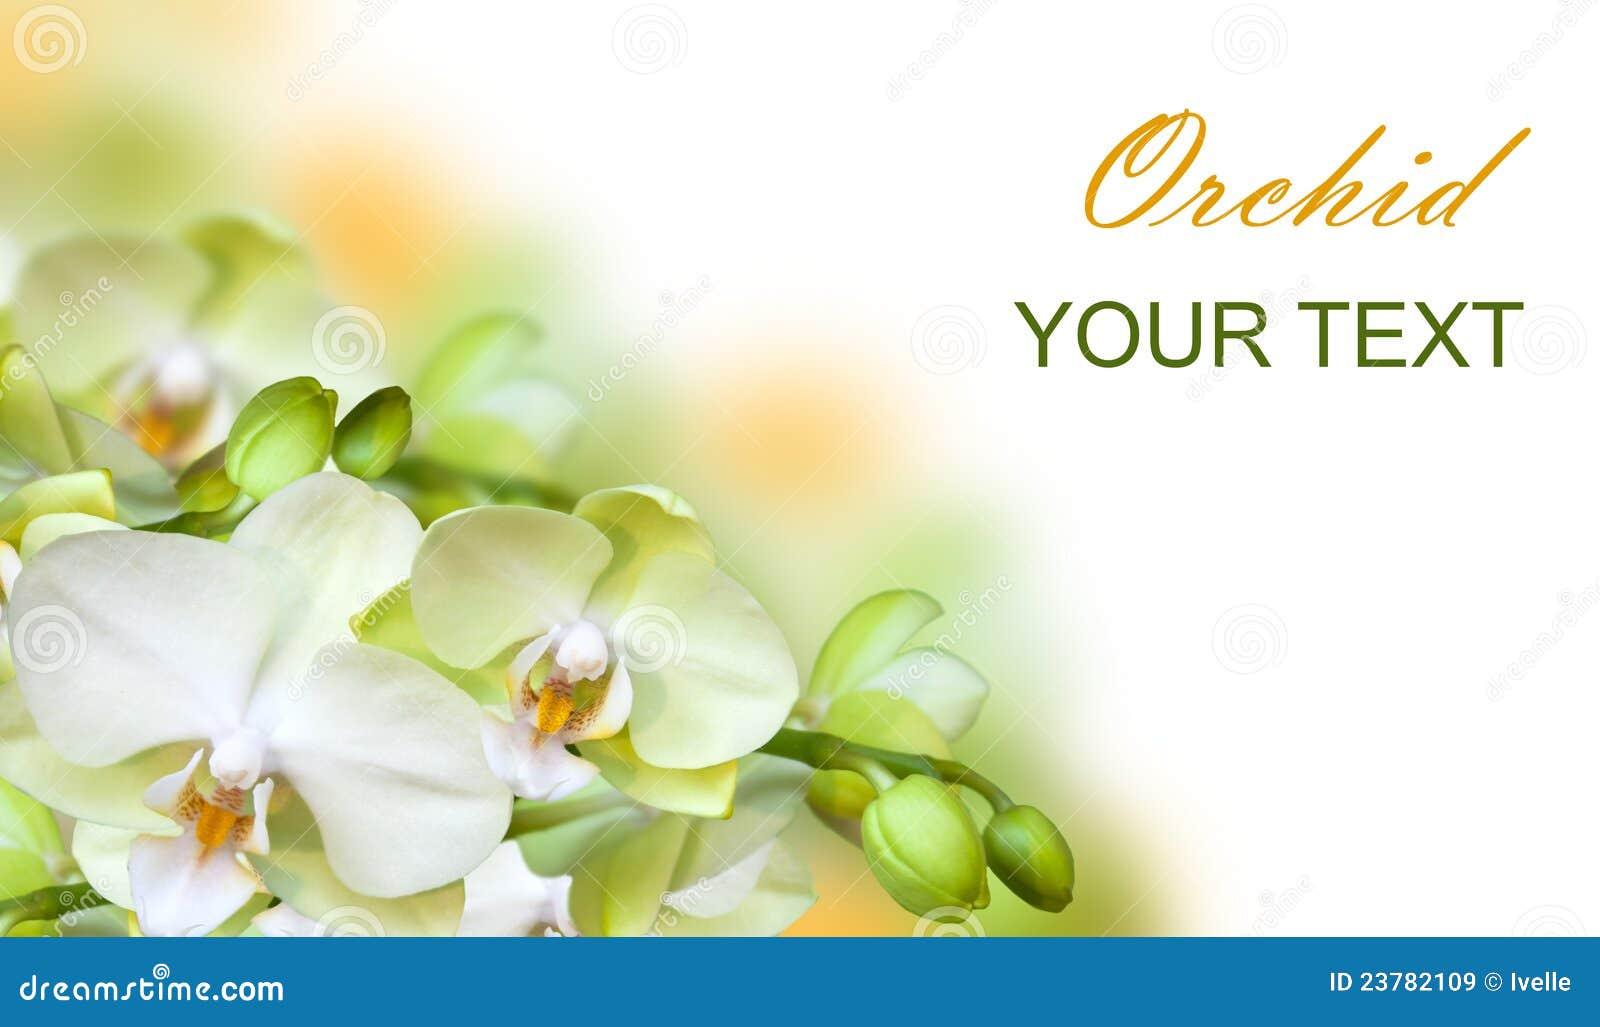 orchidee blanche verte